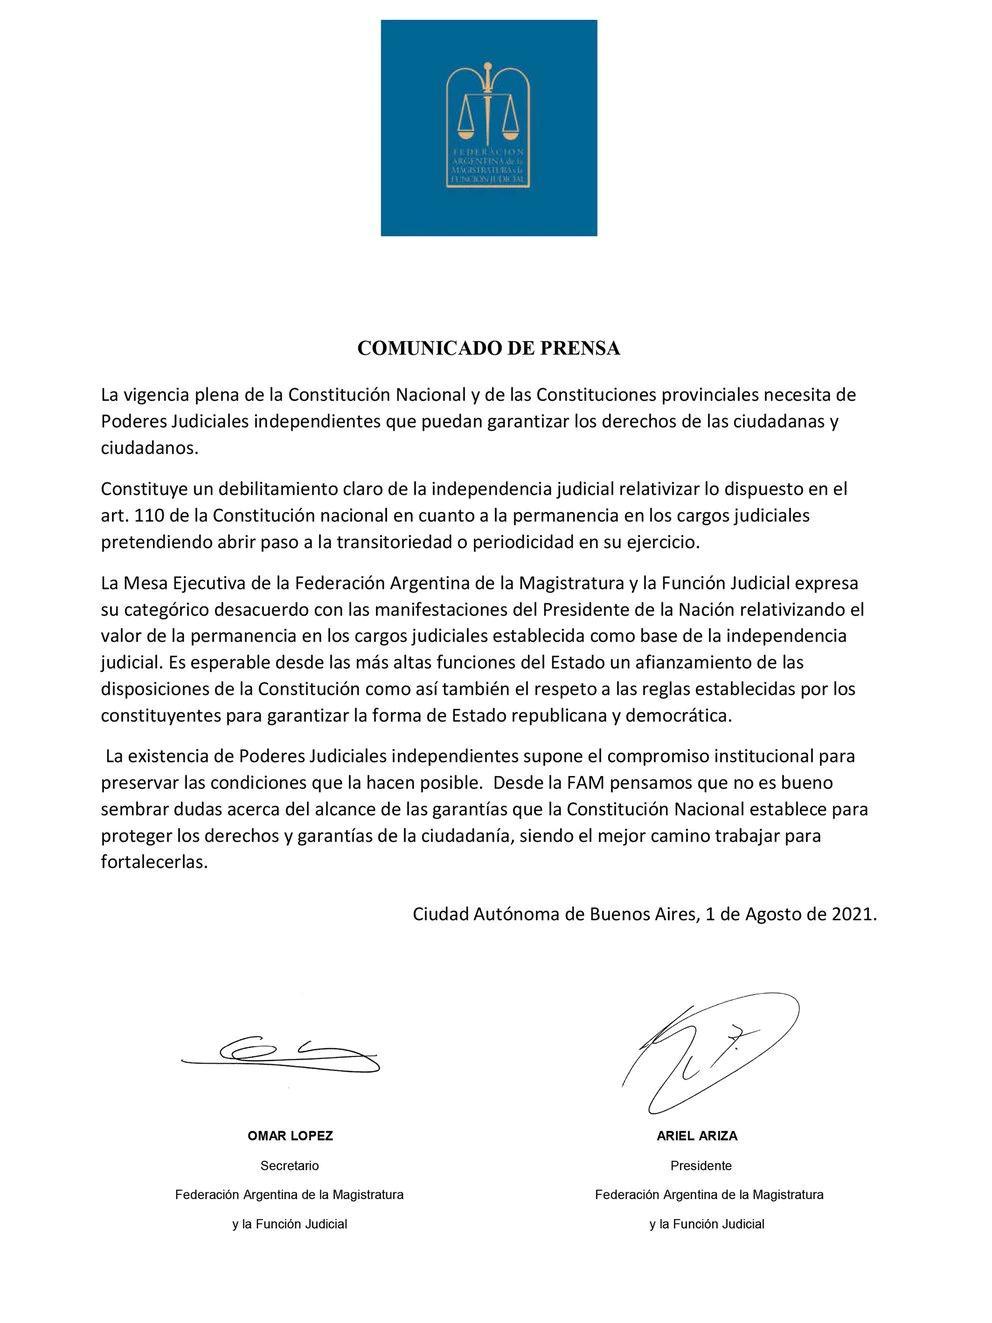 Carta de Federación Argentina de la Magistratura y la Función Judicial al presidente Alberto Fernández